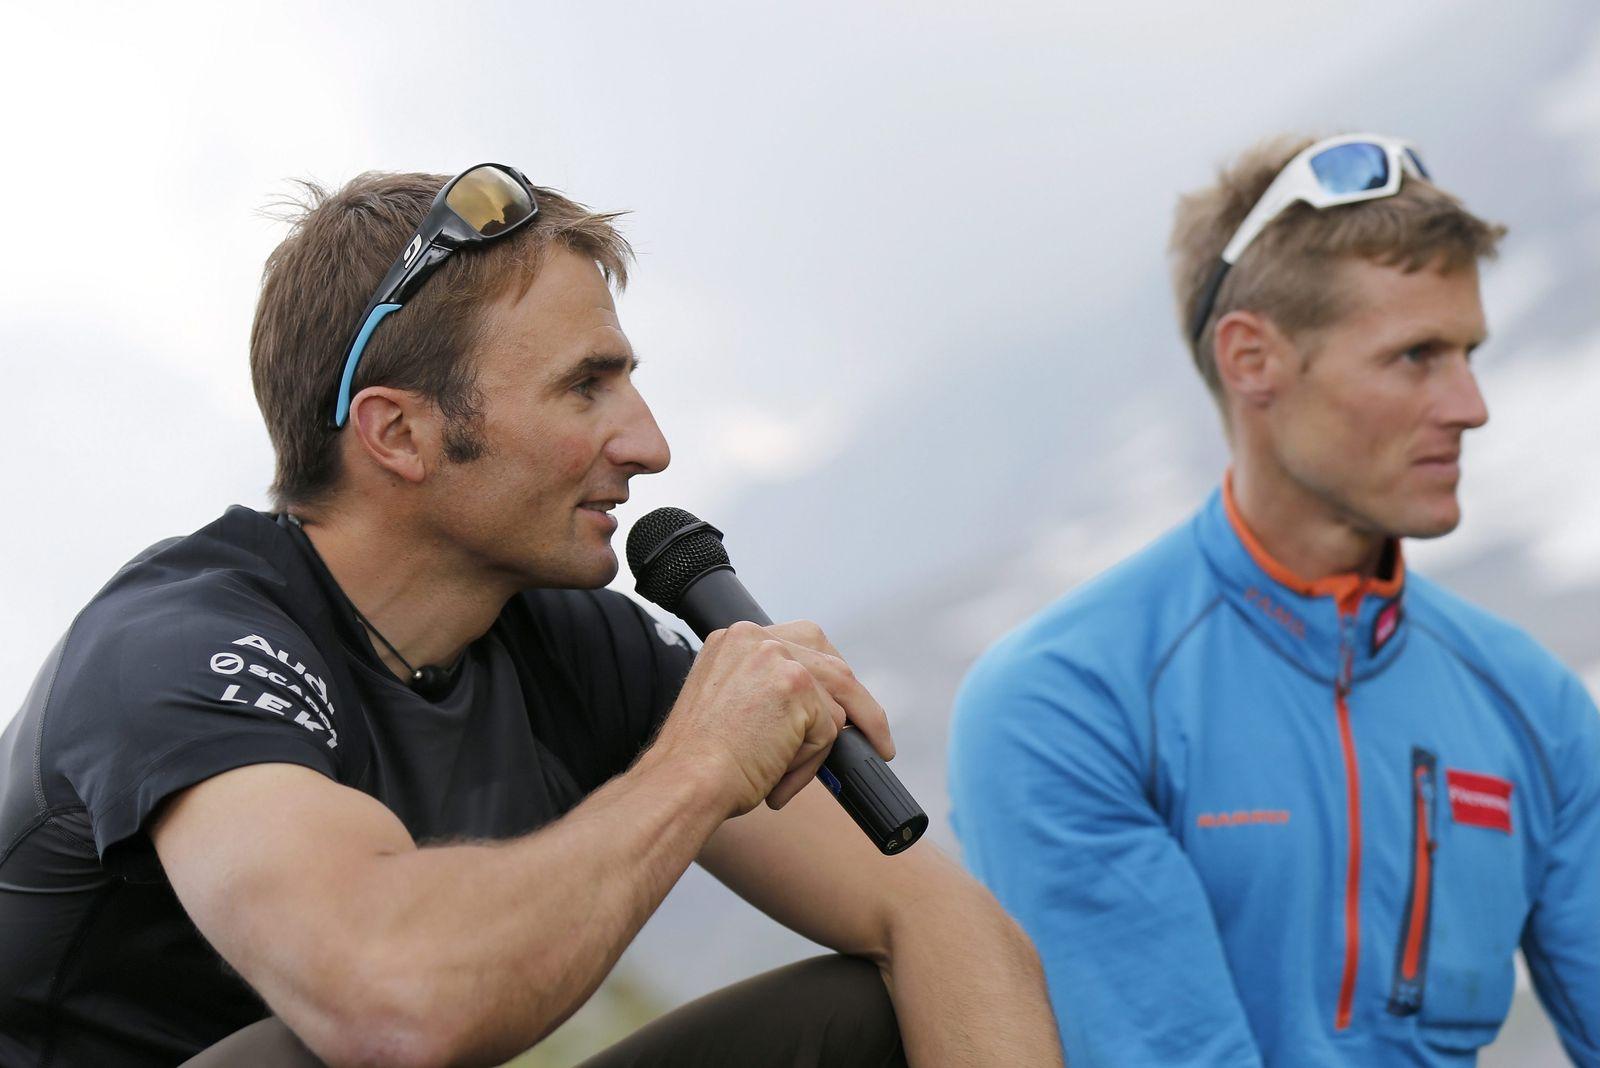 Ueli Steck/ Bergsteiger